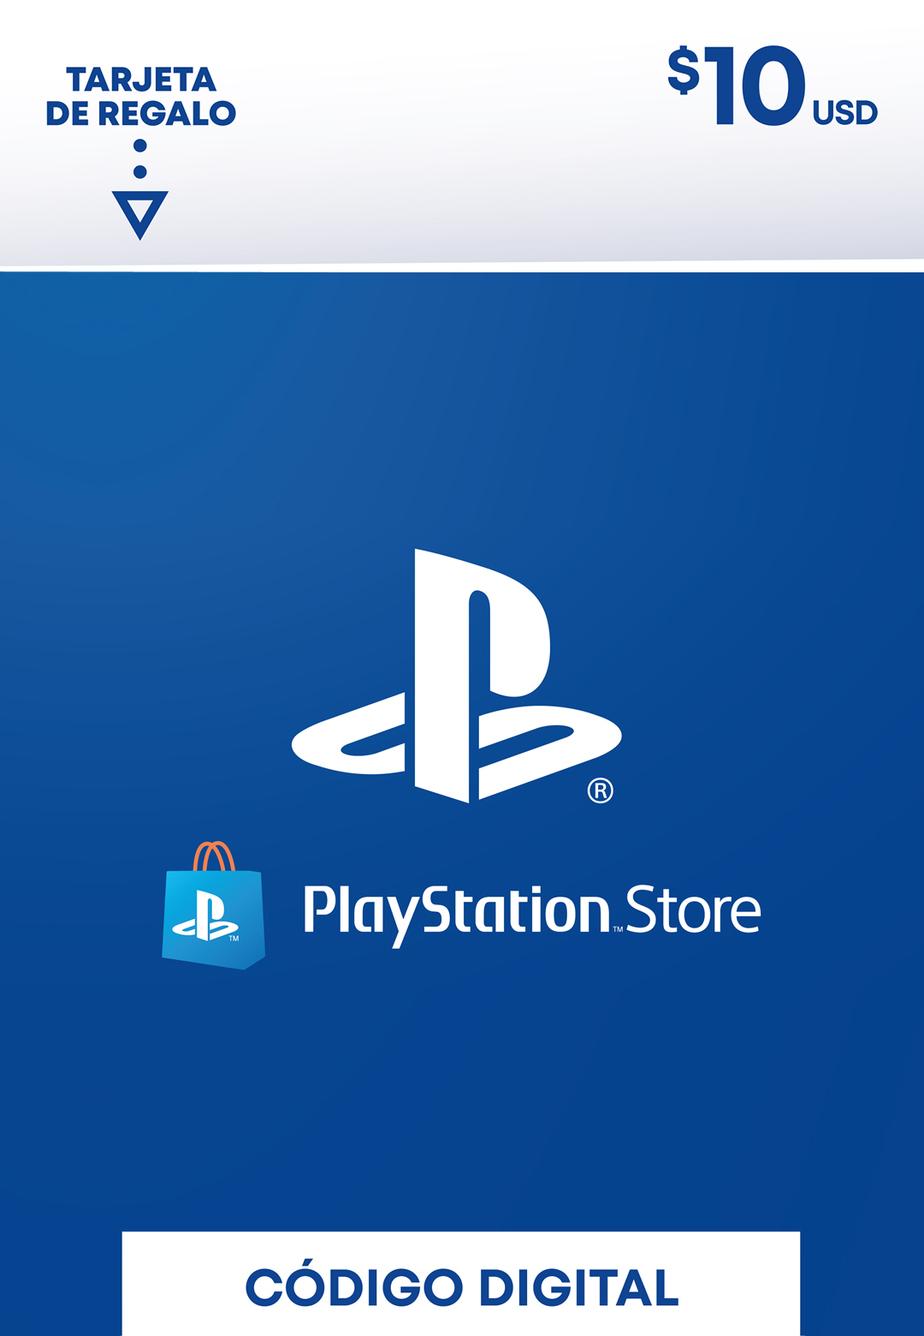 Tarjeta de Regalo PlayStation Store de 10 Dolares